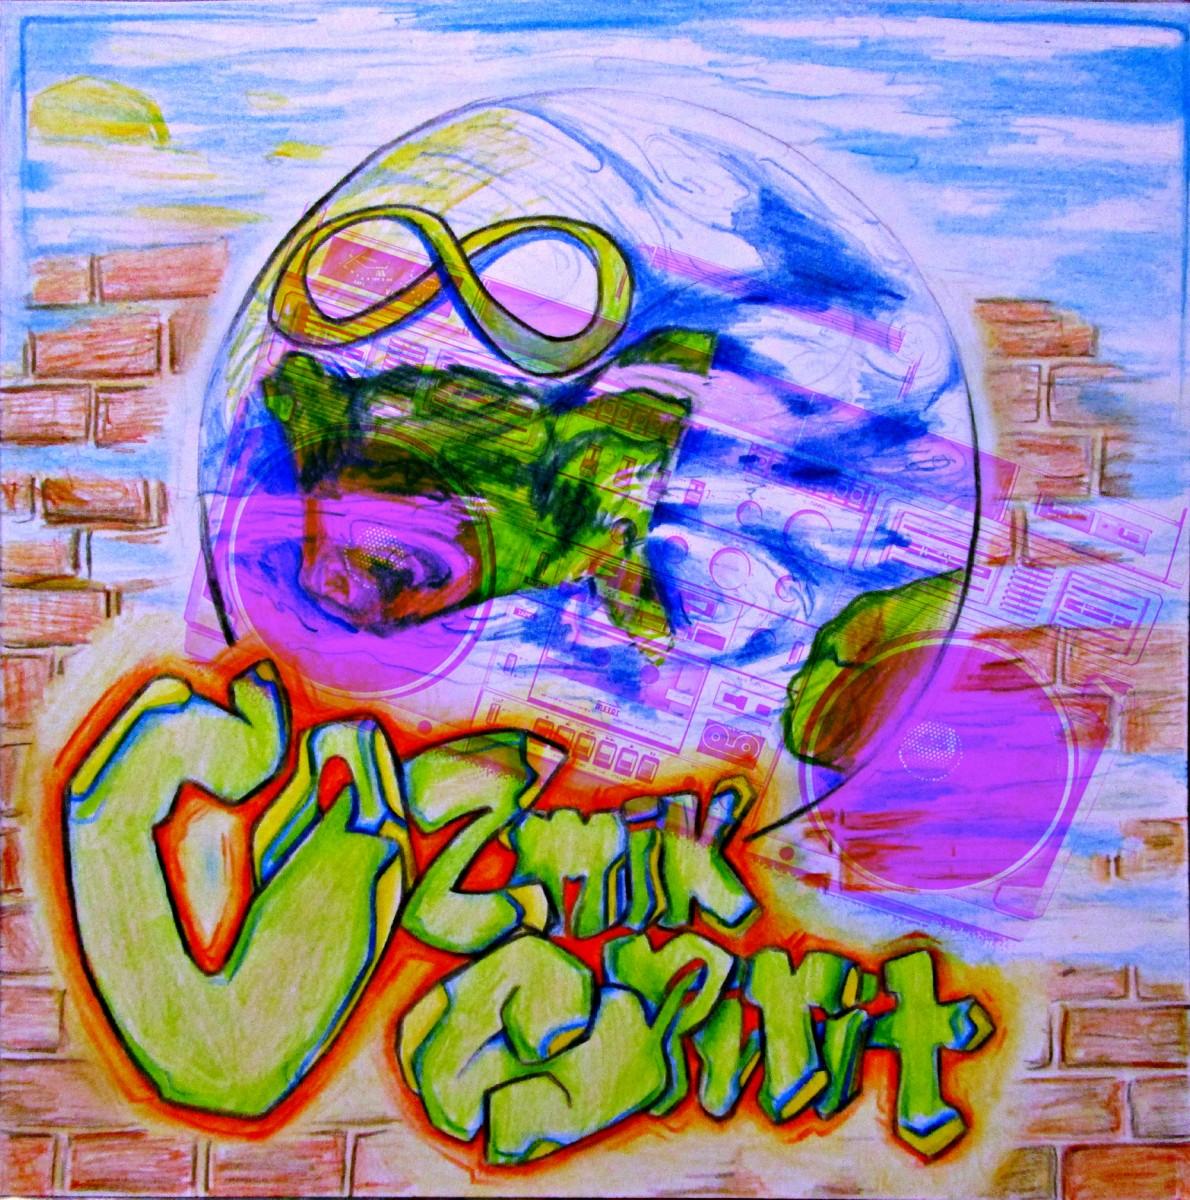 Album Review: Cozmik Spirit, Mix Tape